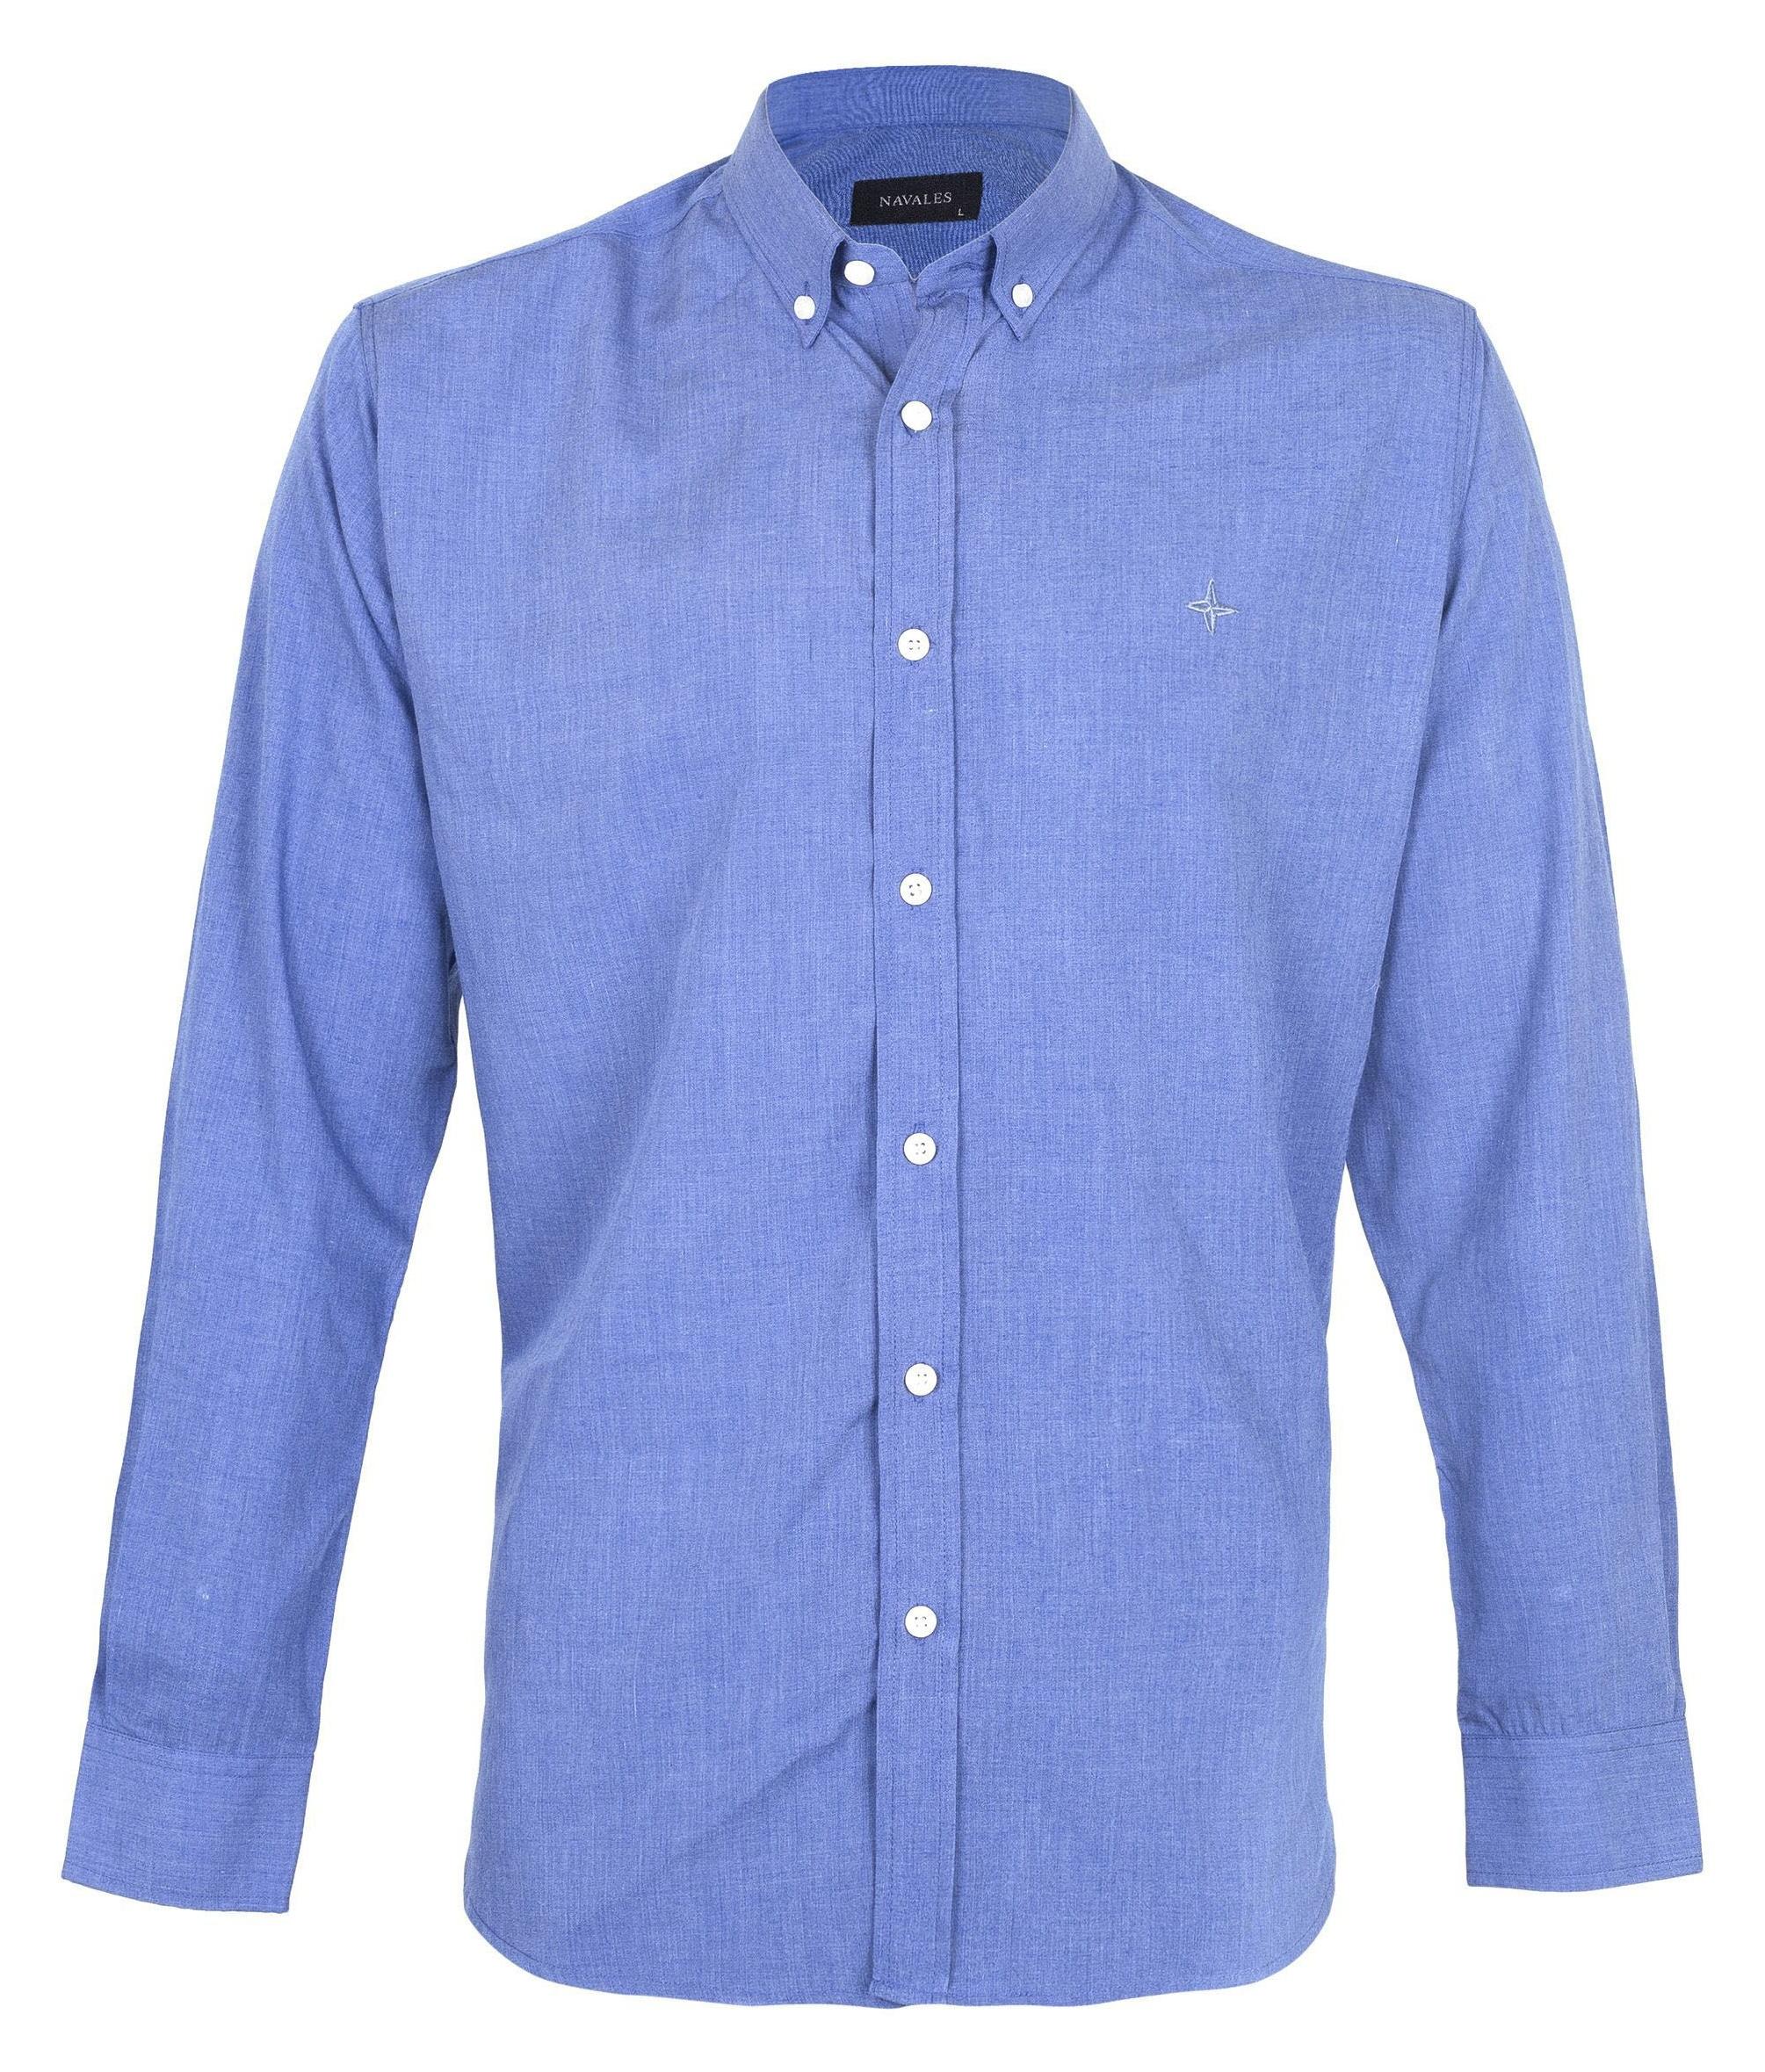 پیراهن مردانه ناوالس مدل regularfit2019_bu main 1 1